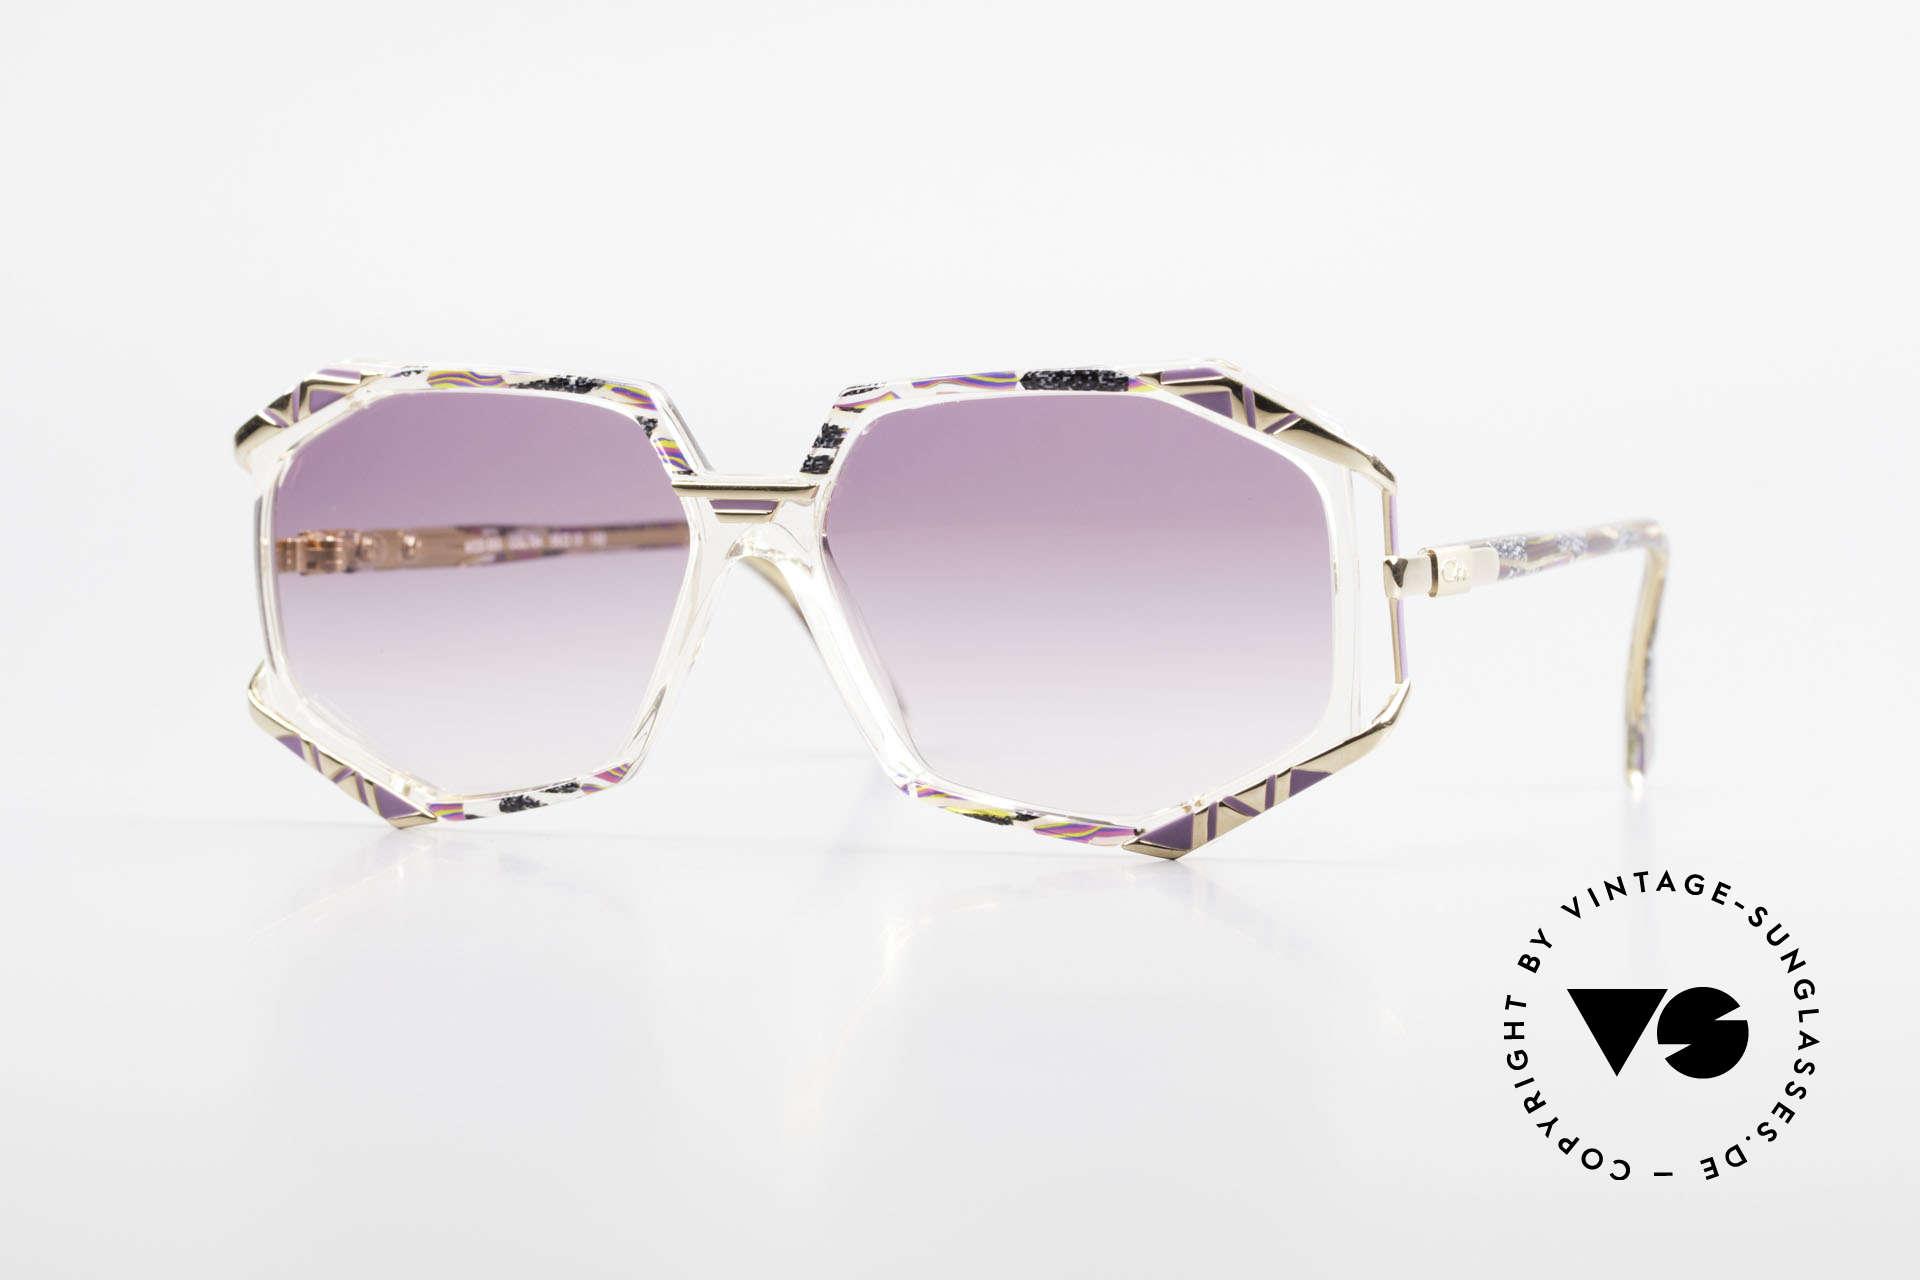 Cazal 355 Extraordinary 90's Cazal Frame, extraordinary Cazal designer frame from the early 90's, Made for Women